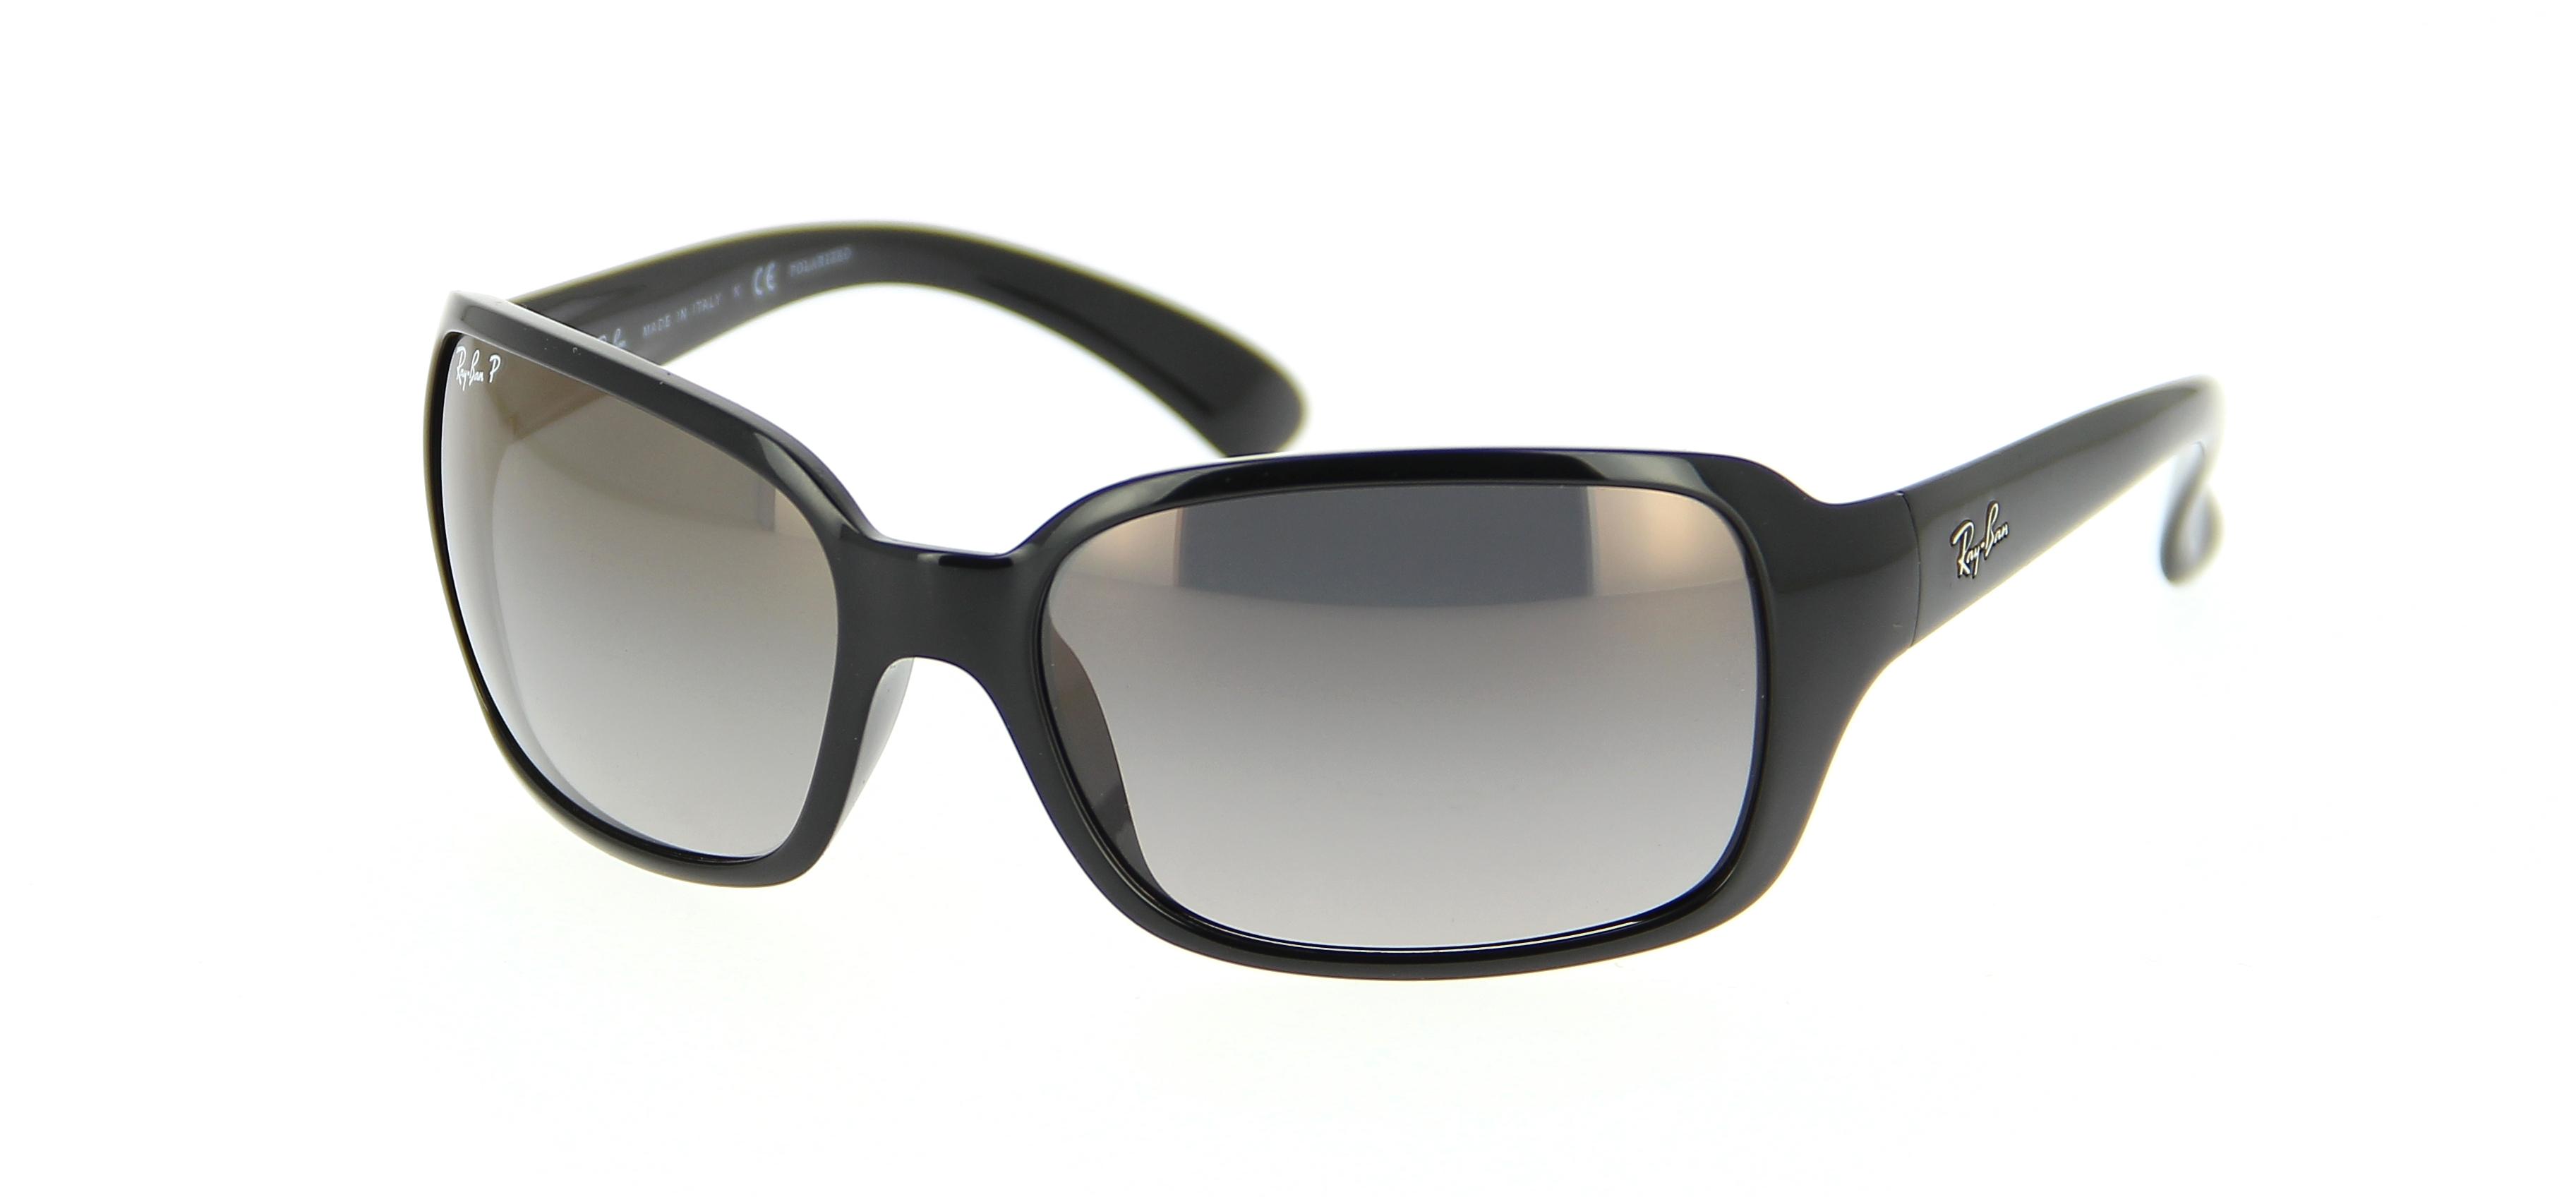 lunette ray ban 4068. Black Bedroom Furniture Sets. Home Design Ideas